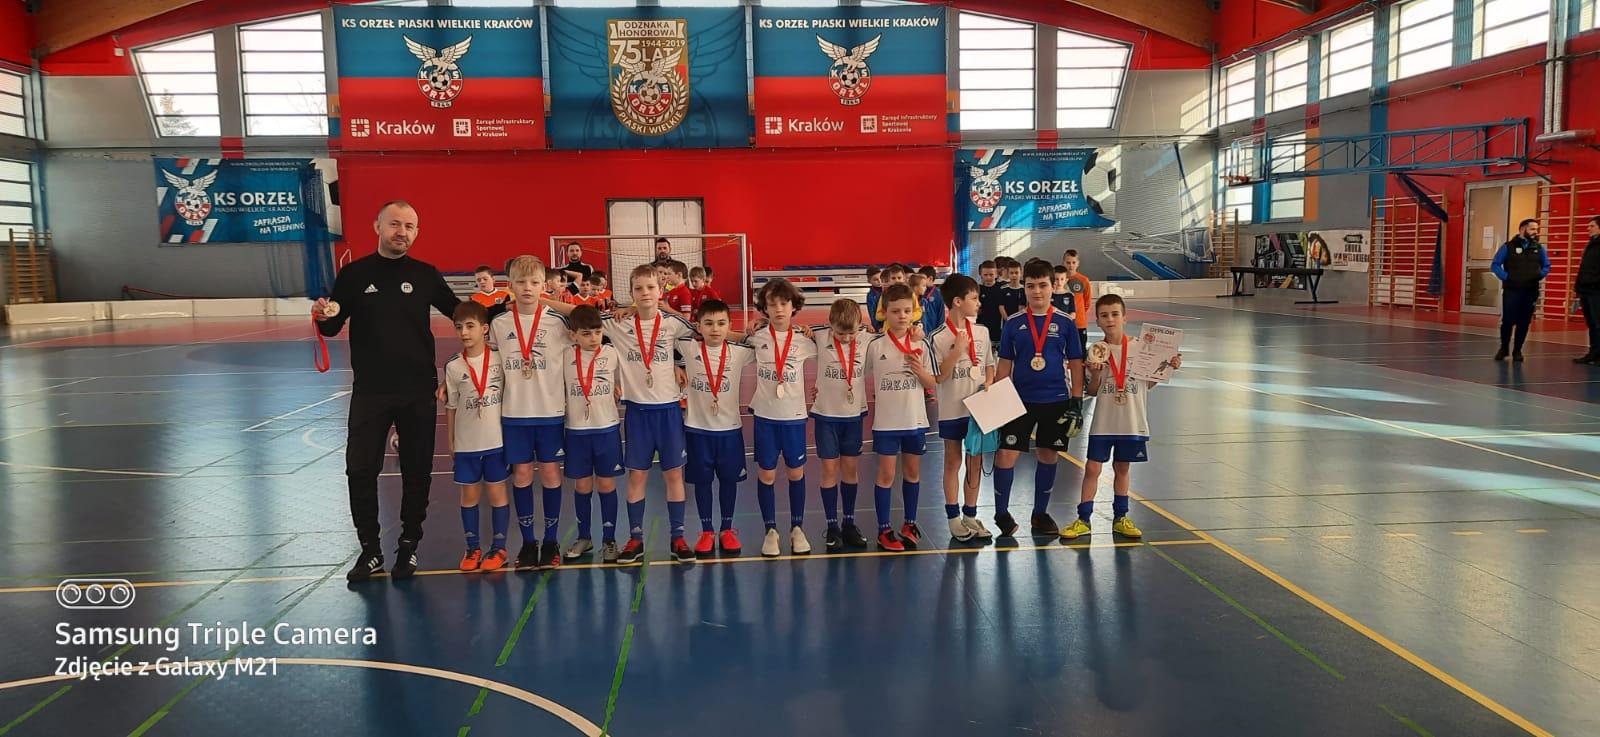 FA Dąbrowa Tarnowska Turniej SMOKA Kraków 01 2021 Football Academy na Turnieju SMOKA w Krakowie